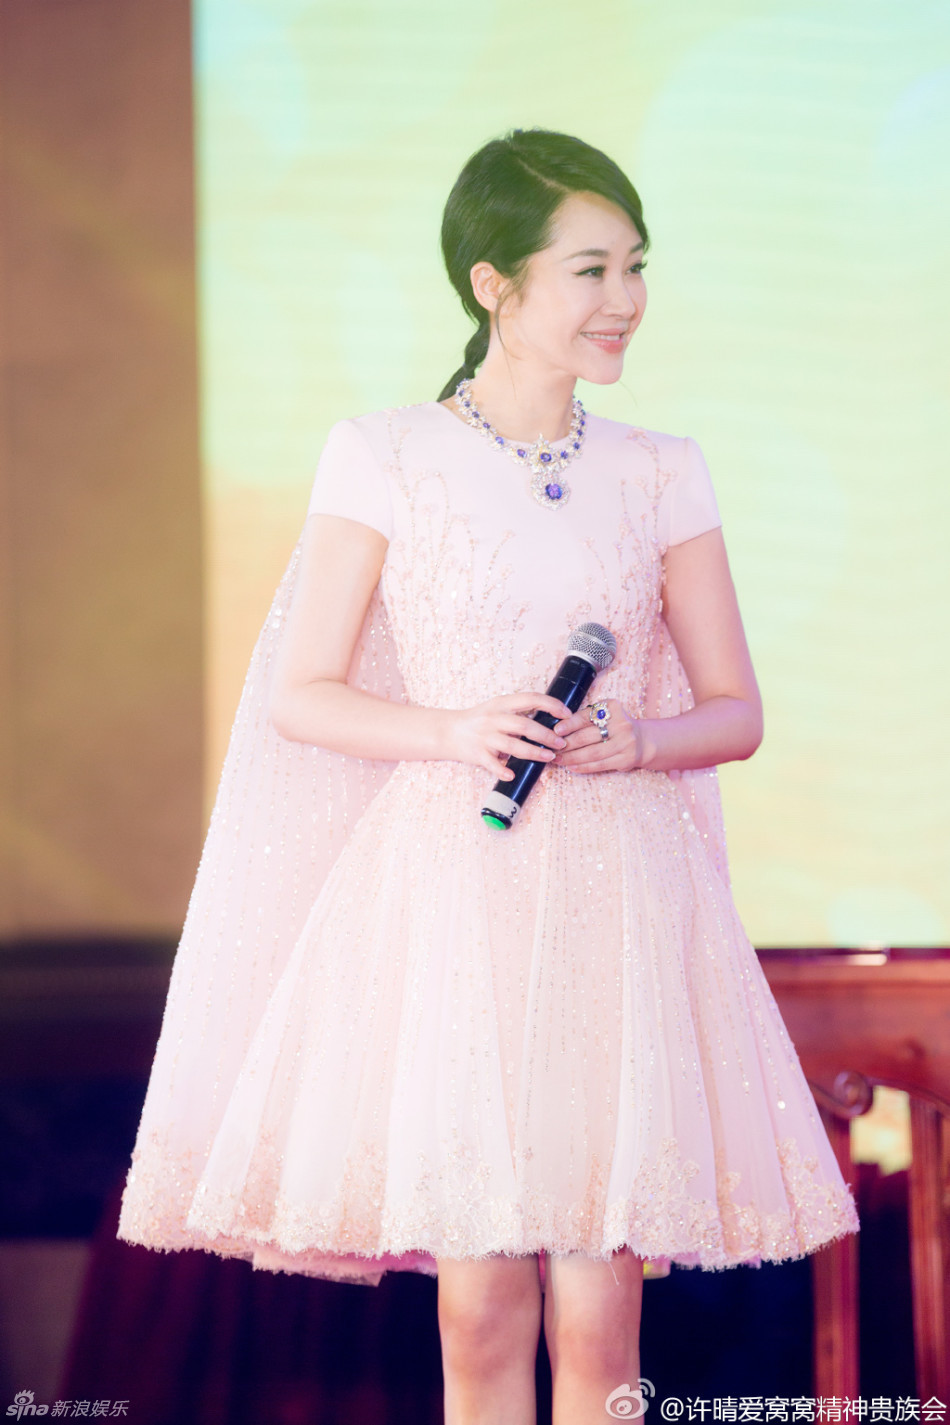 Nouvelles photos de Zhang Xueying